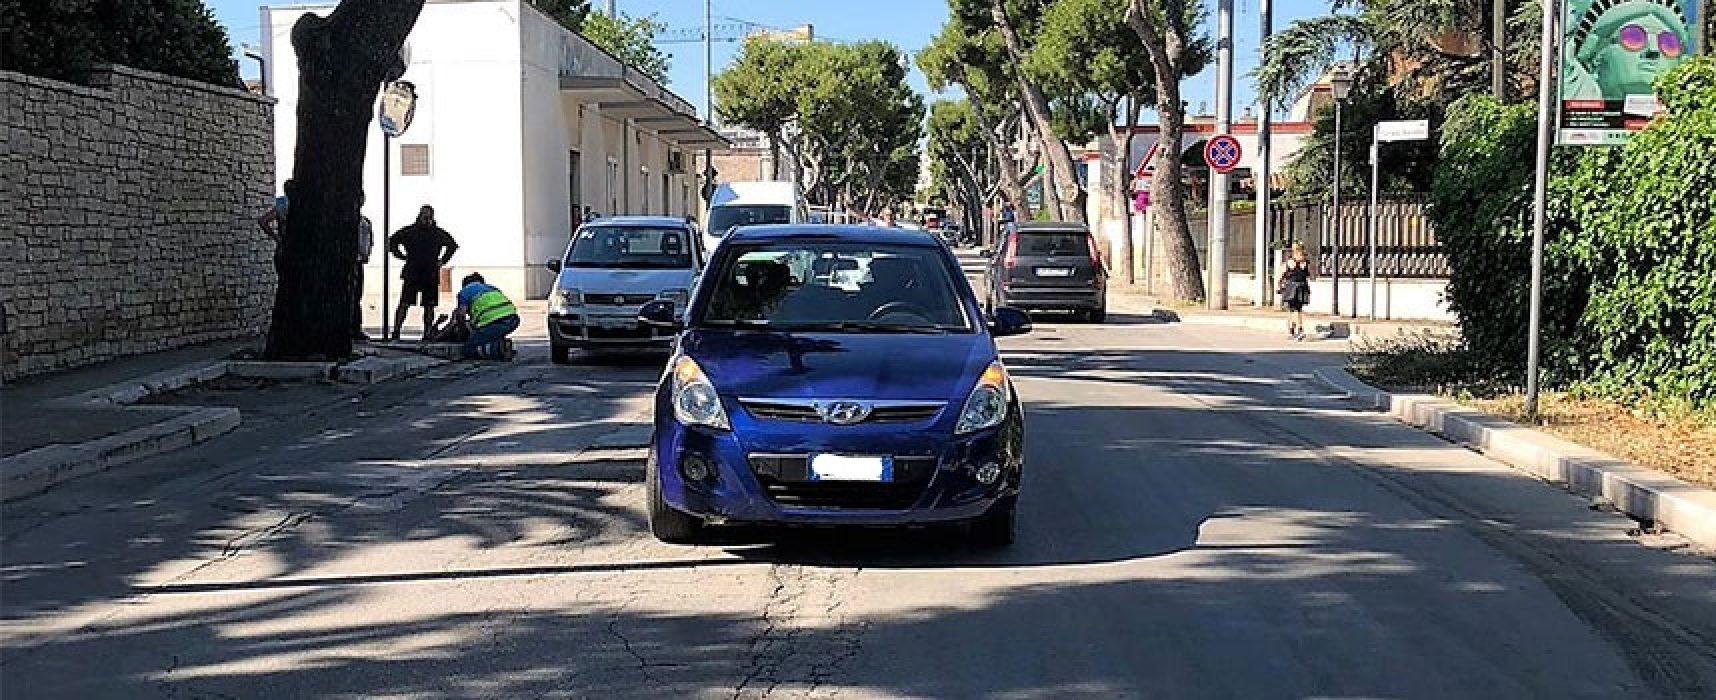 Donna biscegliese travolta dopo scontro tra due auto in via della Libertà